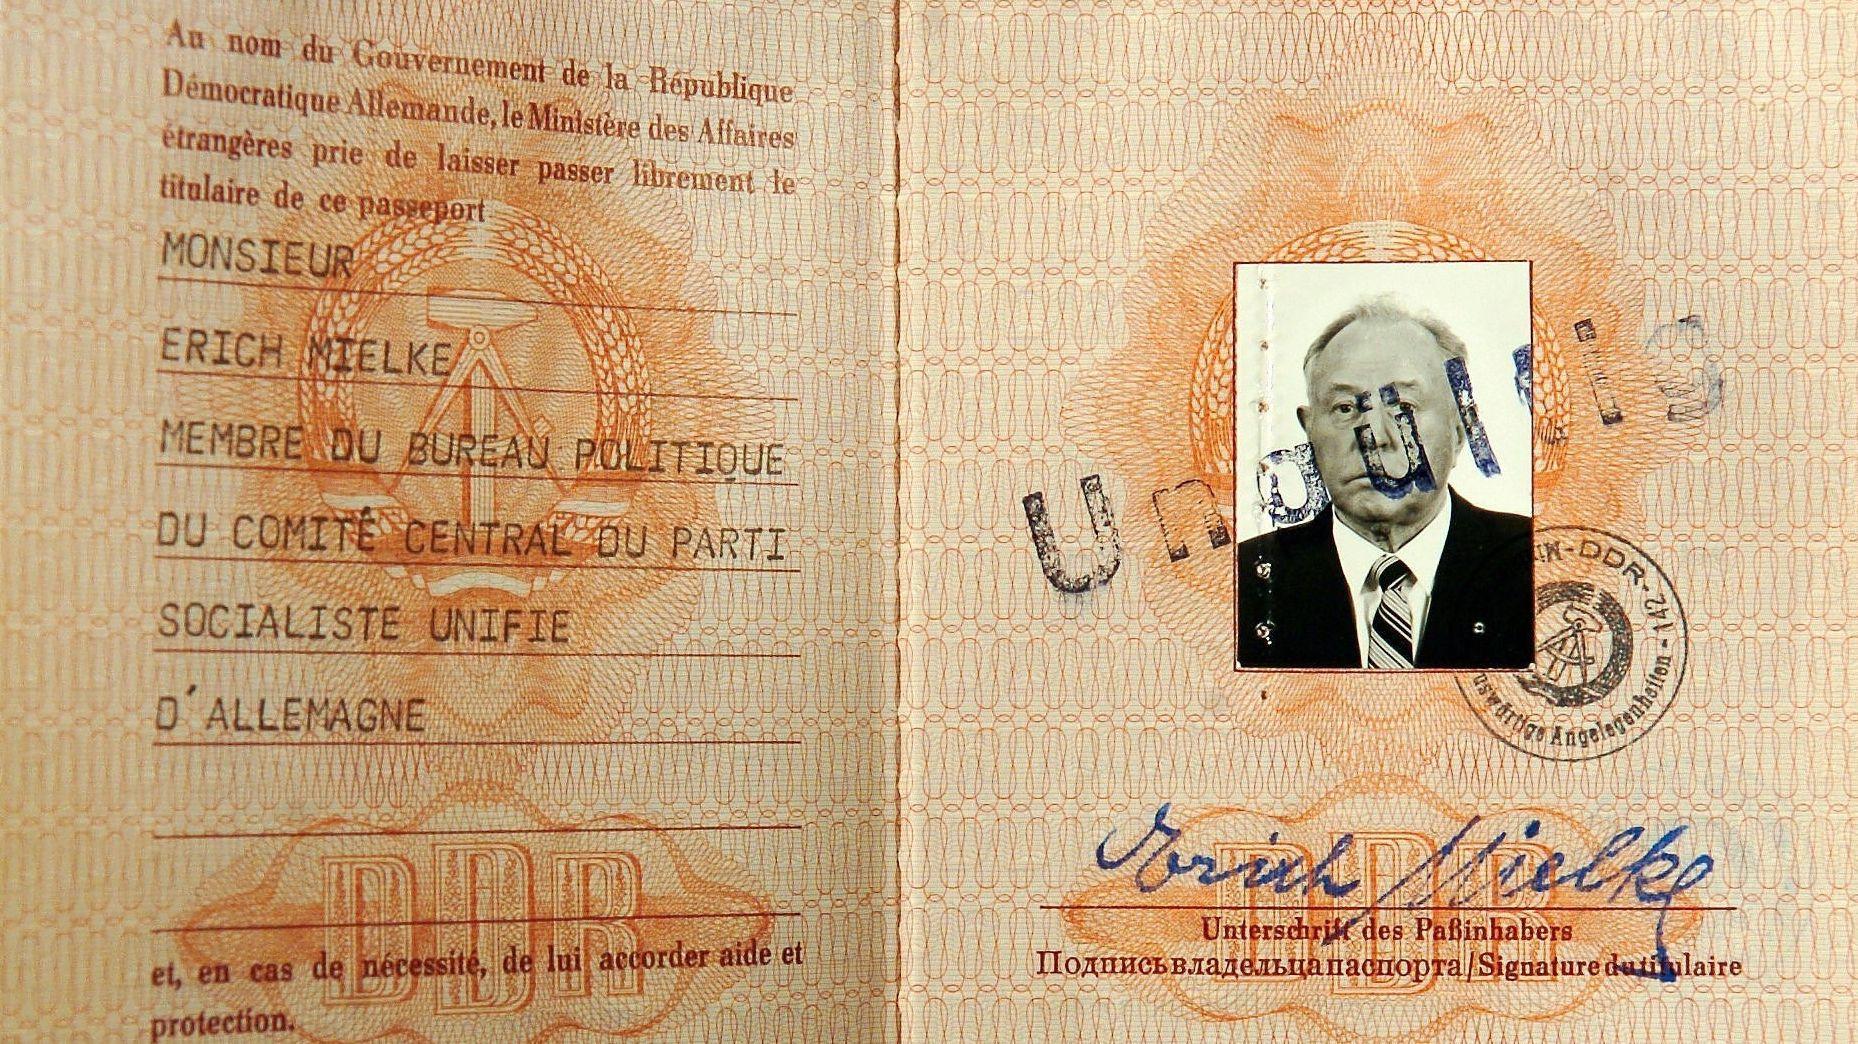 Diplomatenpass von Erich Mielke